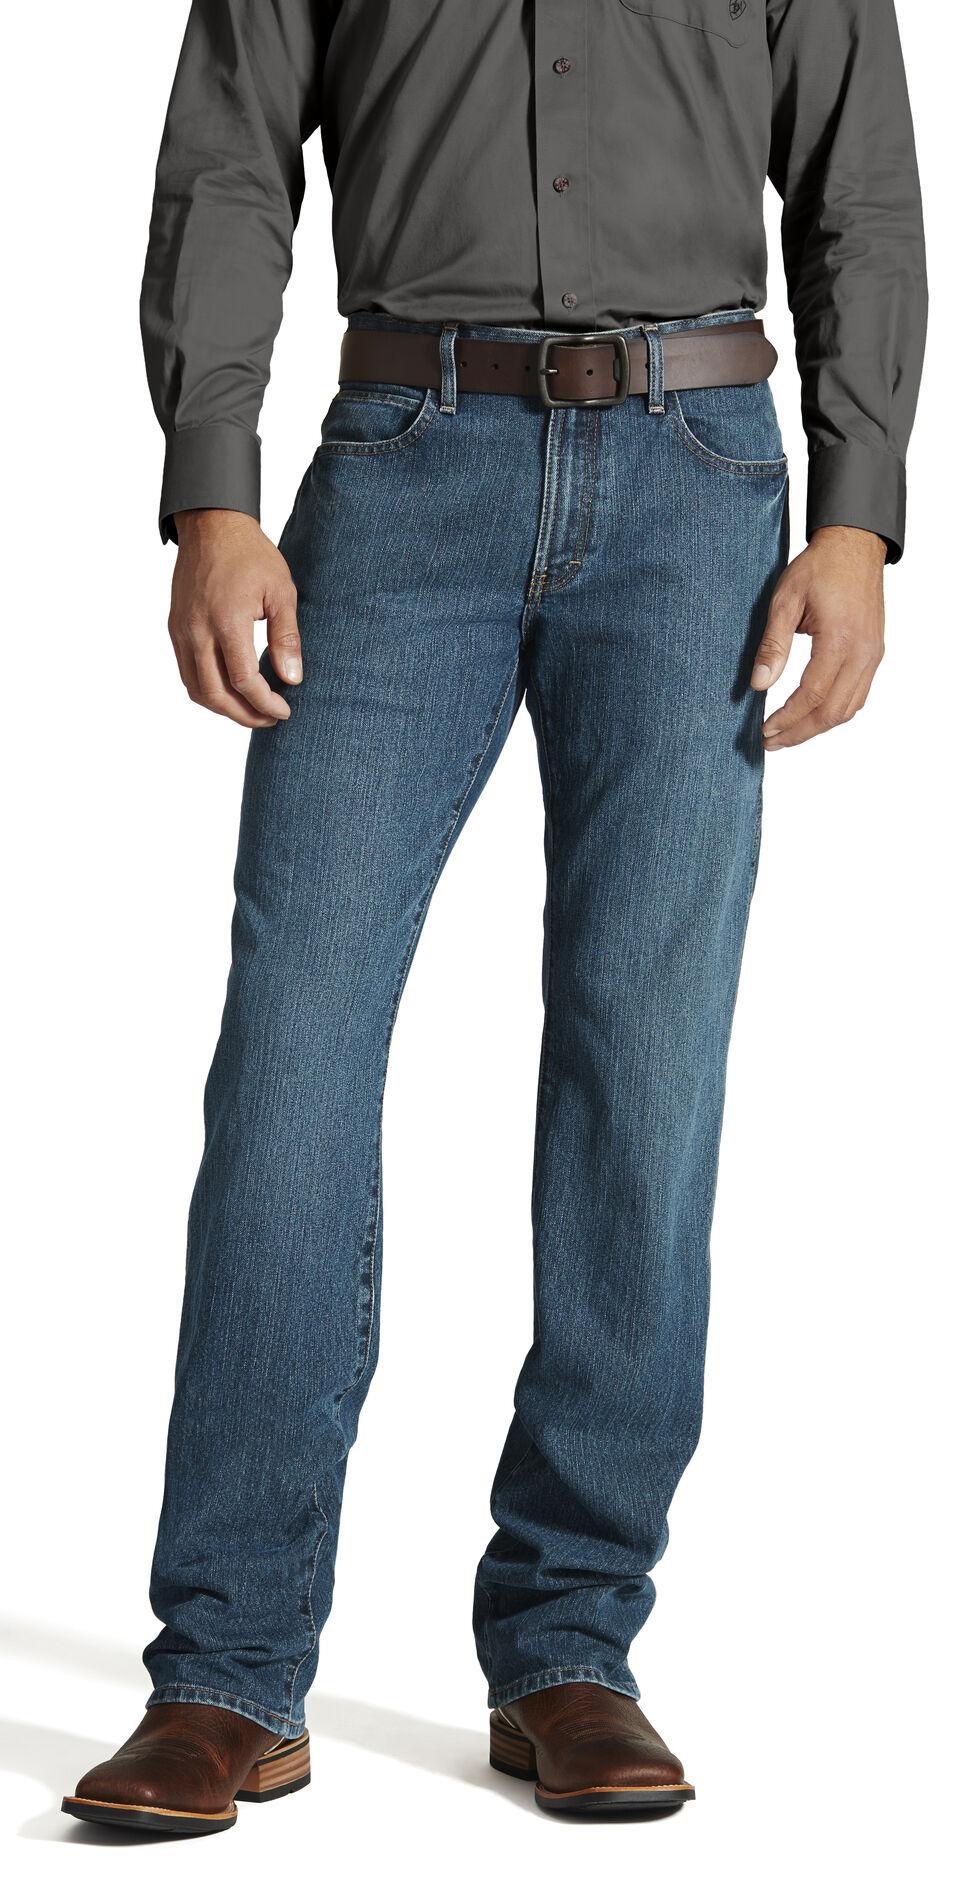 Ariat Men's Jeans - M4 Rebar Bootcut Relaxed Fit, Denim, hi-res